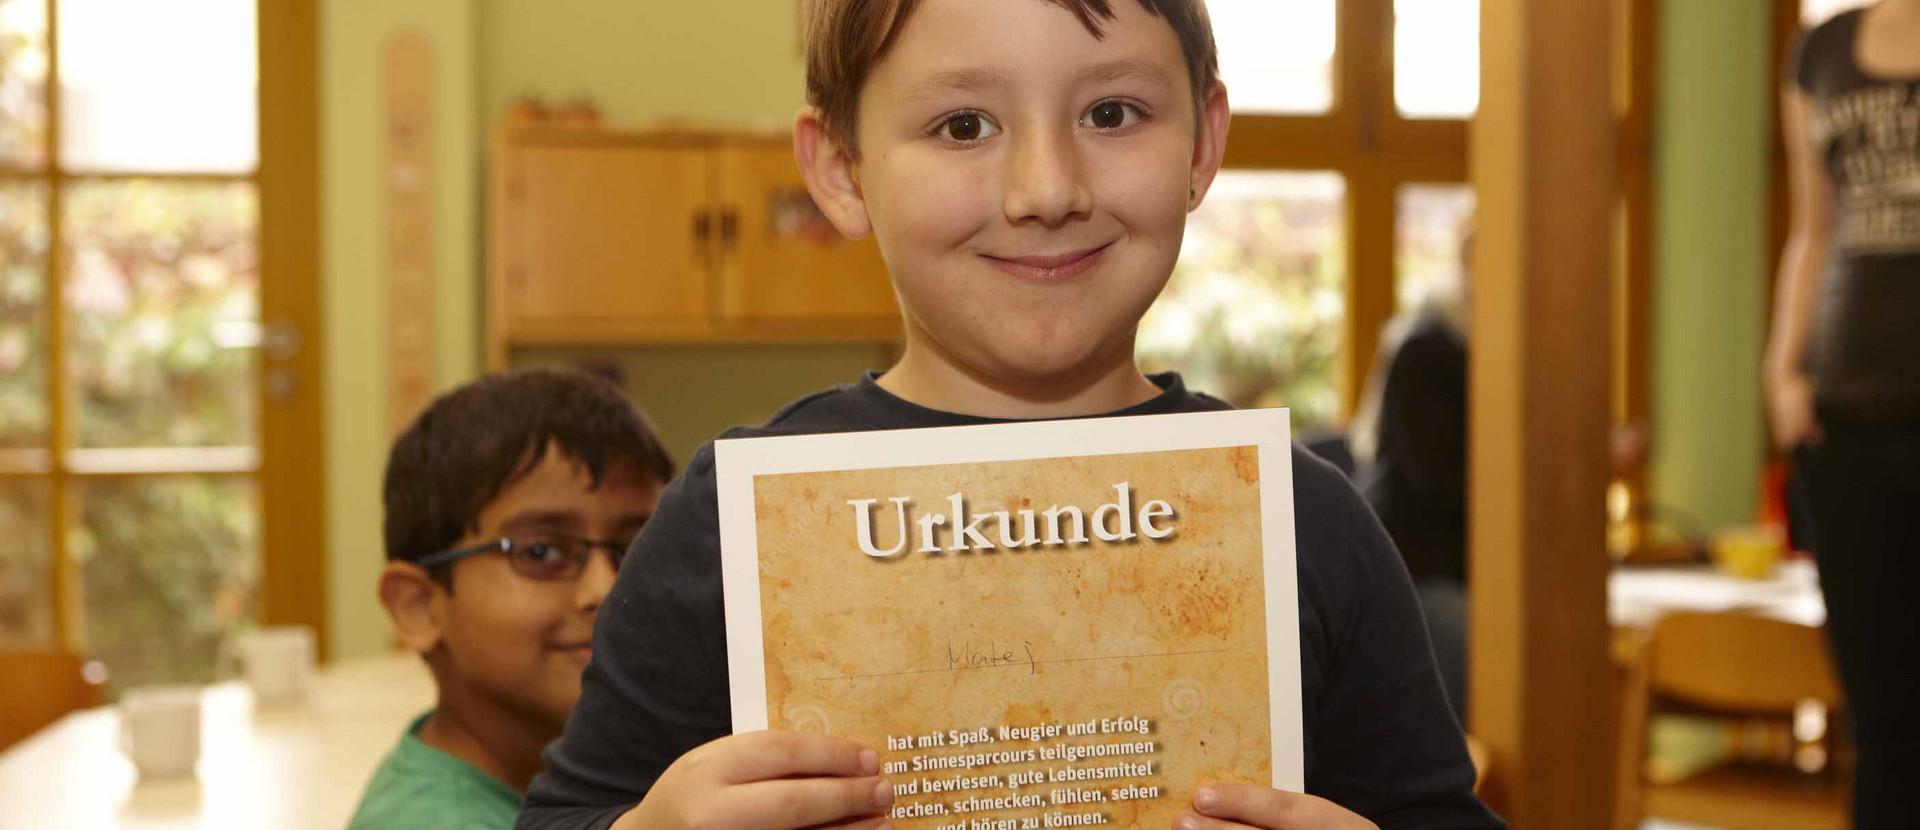 Junge hält Urkunde in der Hand